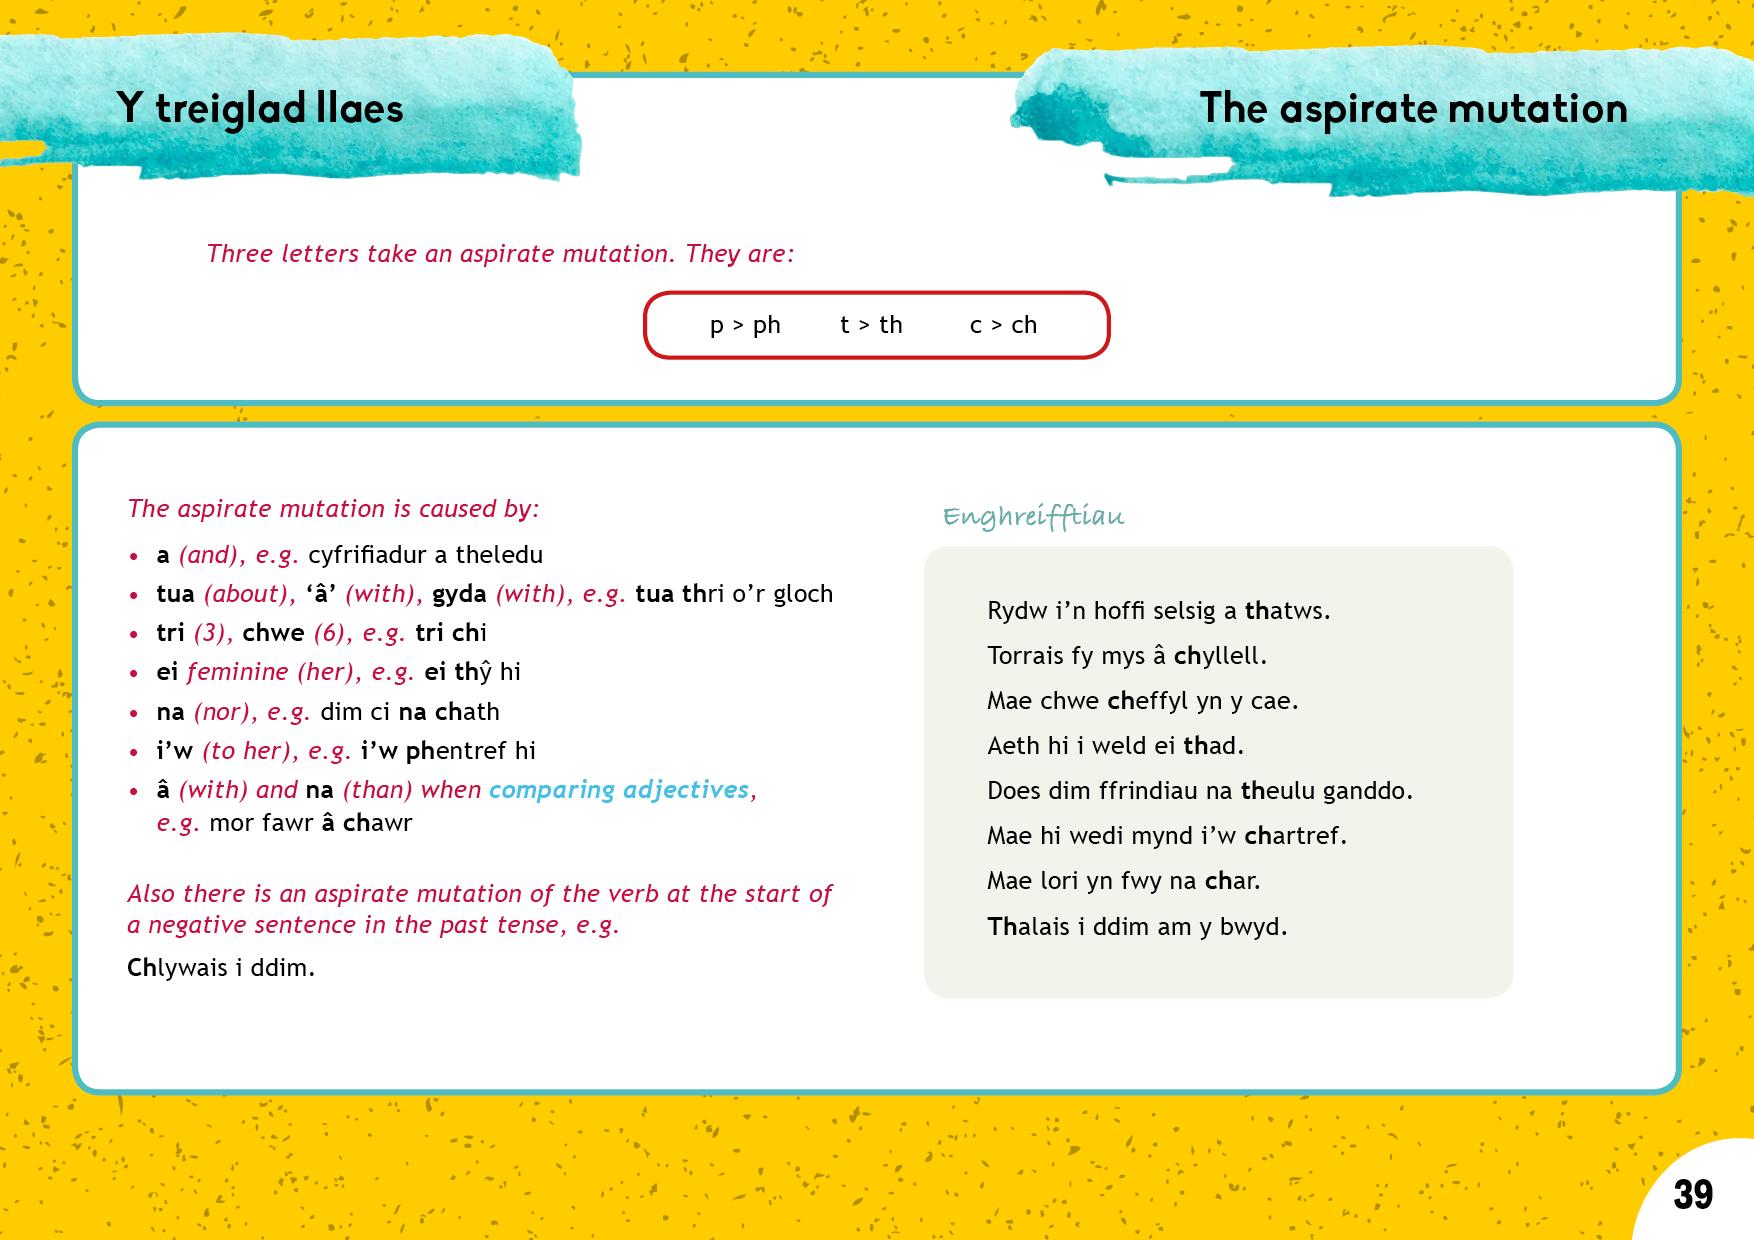 Y treiglad llaes | The aspirate mutation